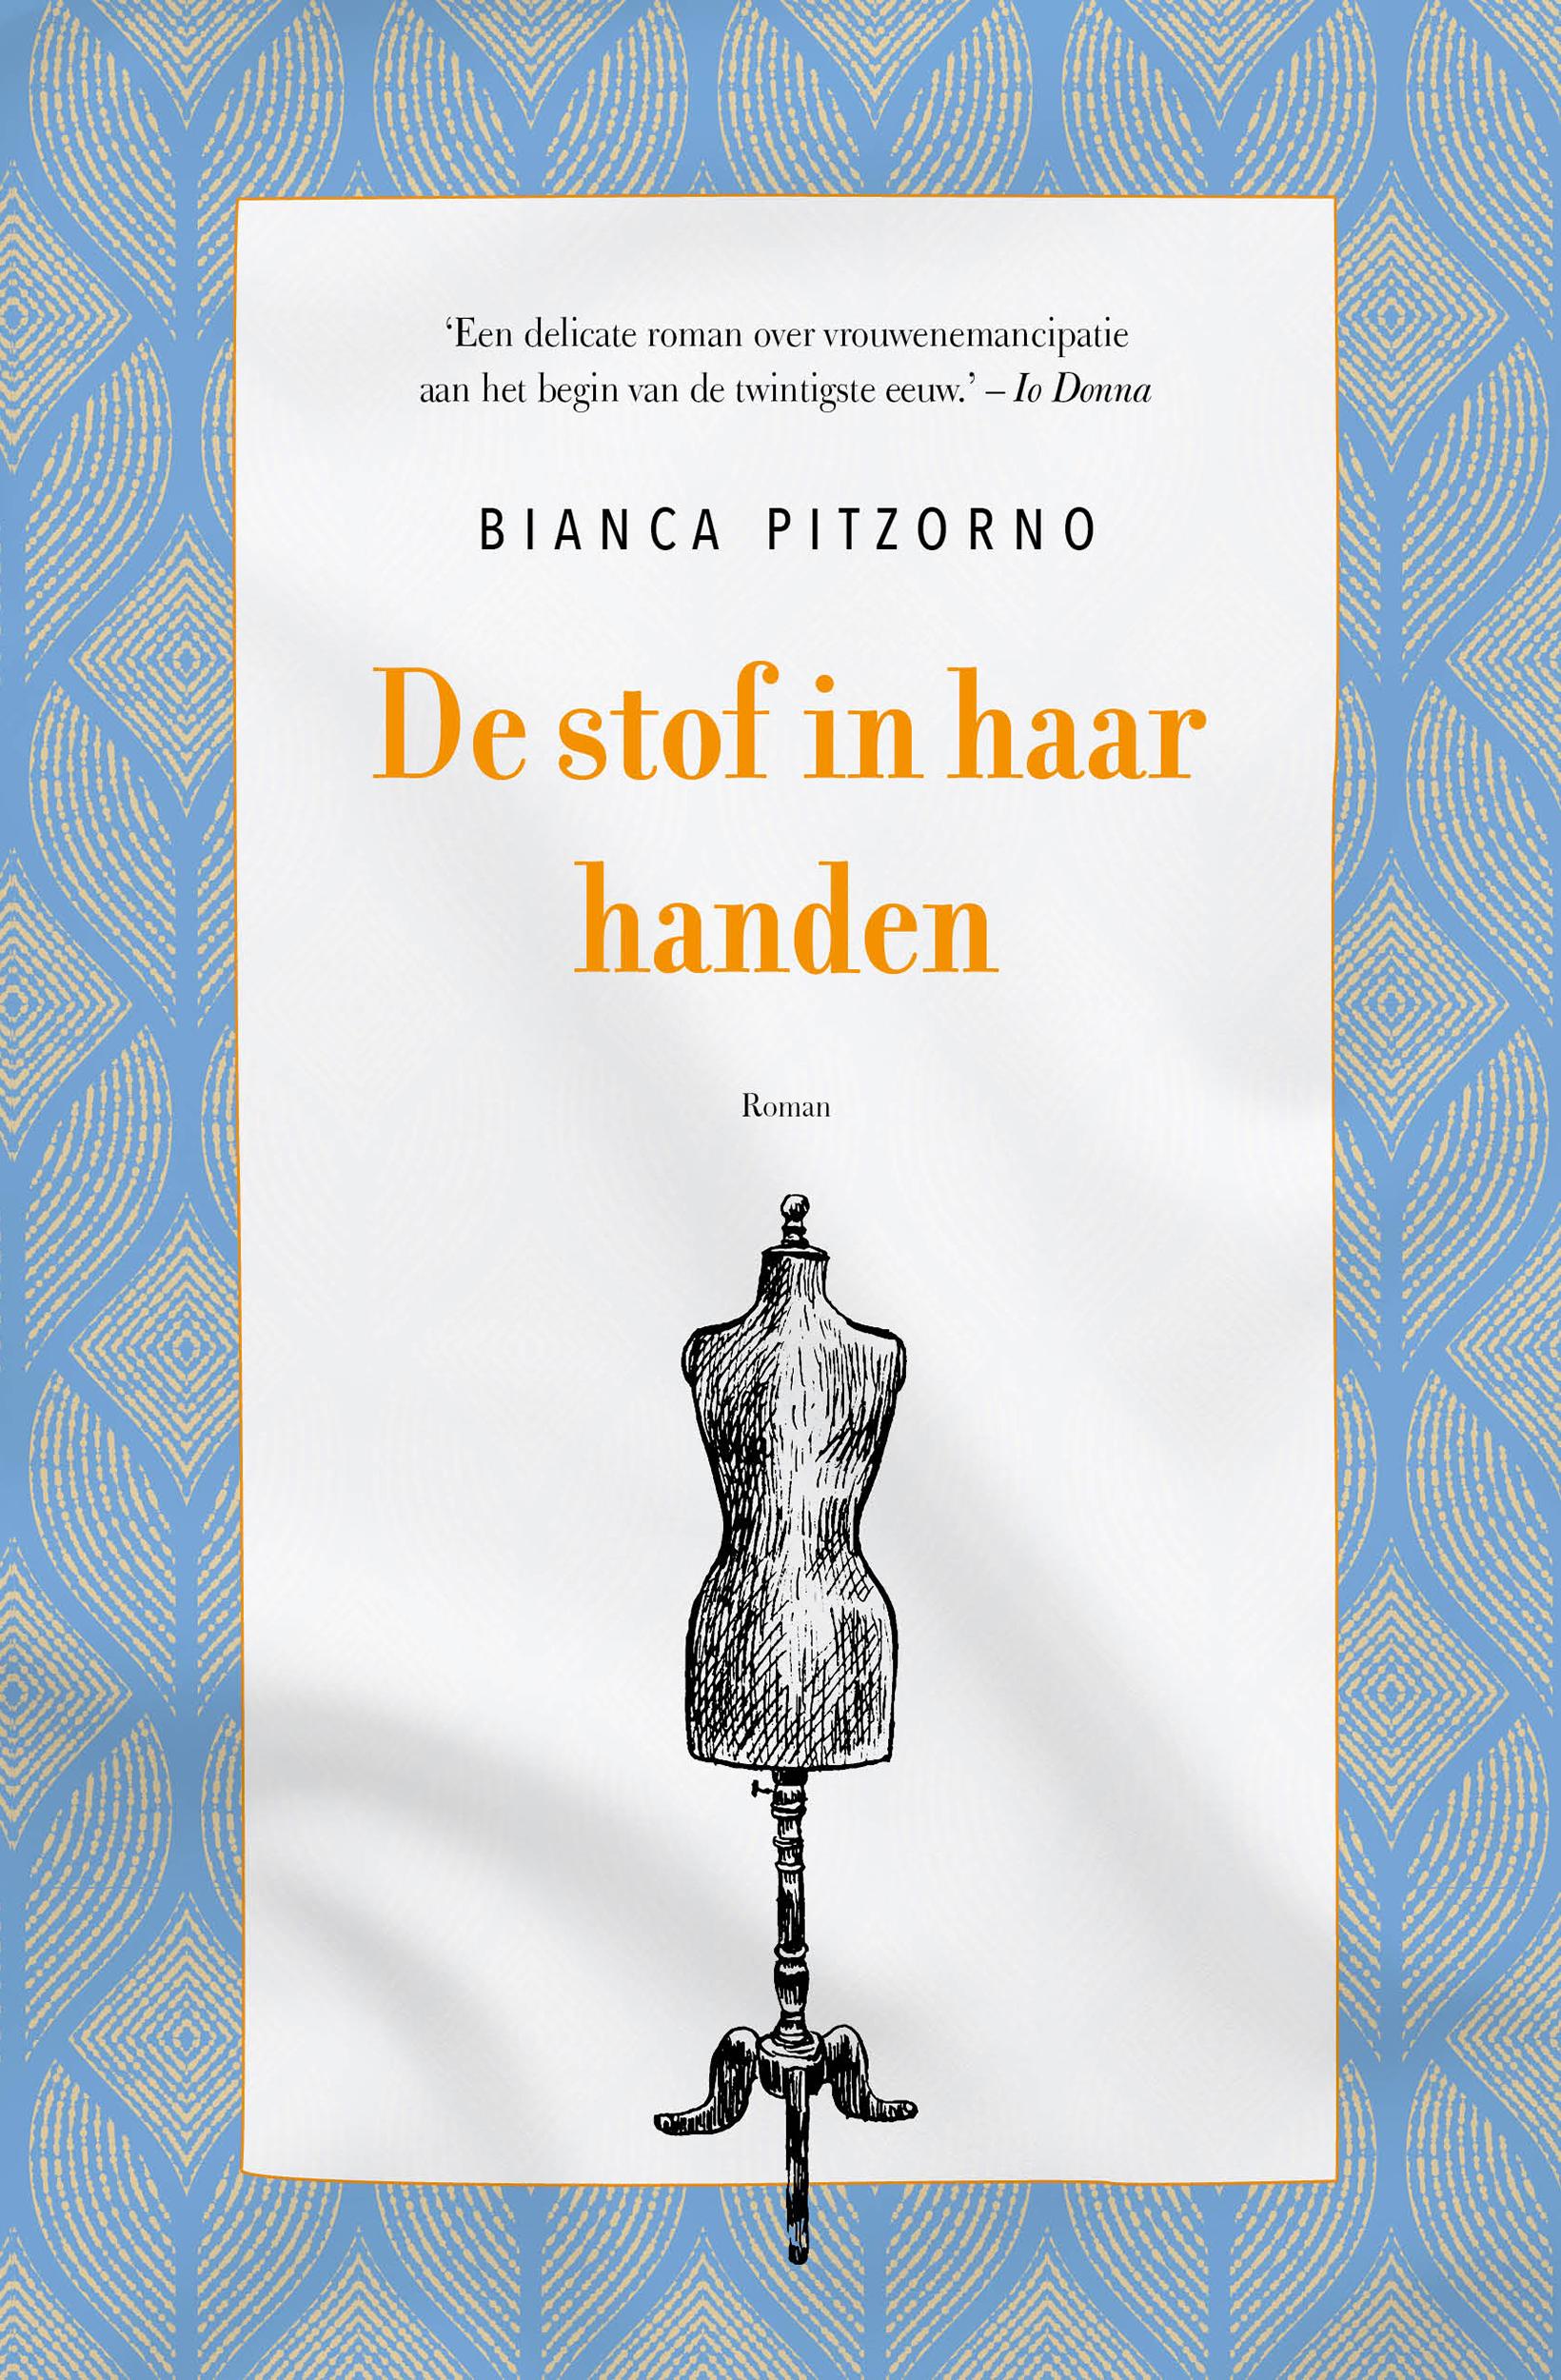 Omslag De stof in haar handen van Bianca Pitzorno